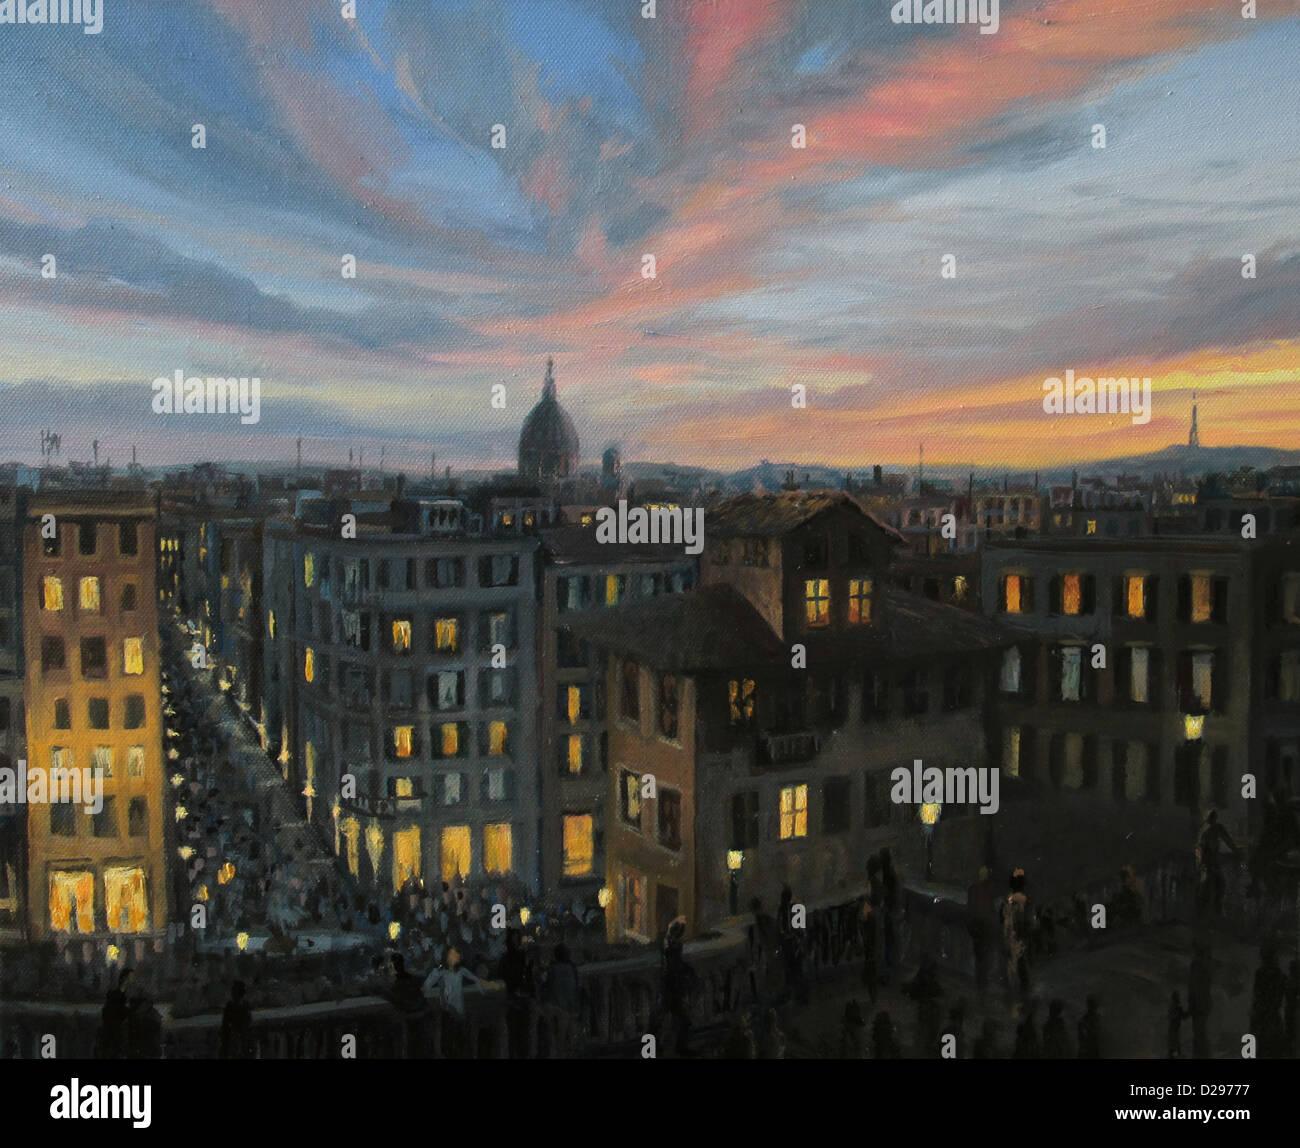 Un dipinto ad olio su tela di un colorato tramonto panoramico vista della capitale d'Italia, Roma dalla sommità Immagini Stock